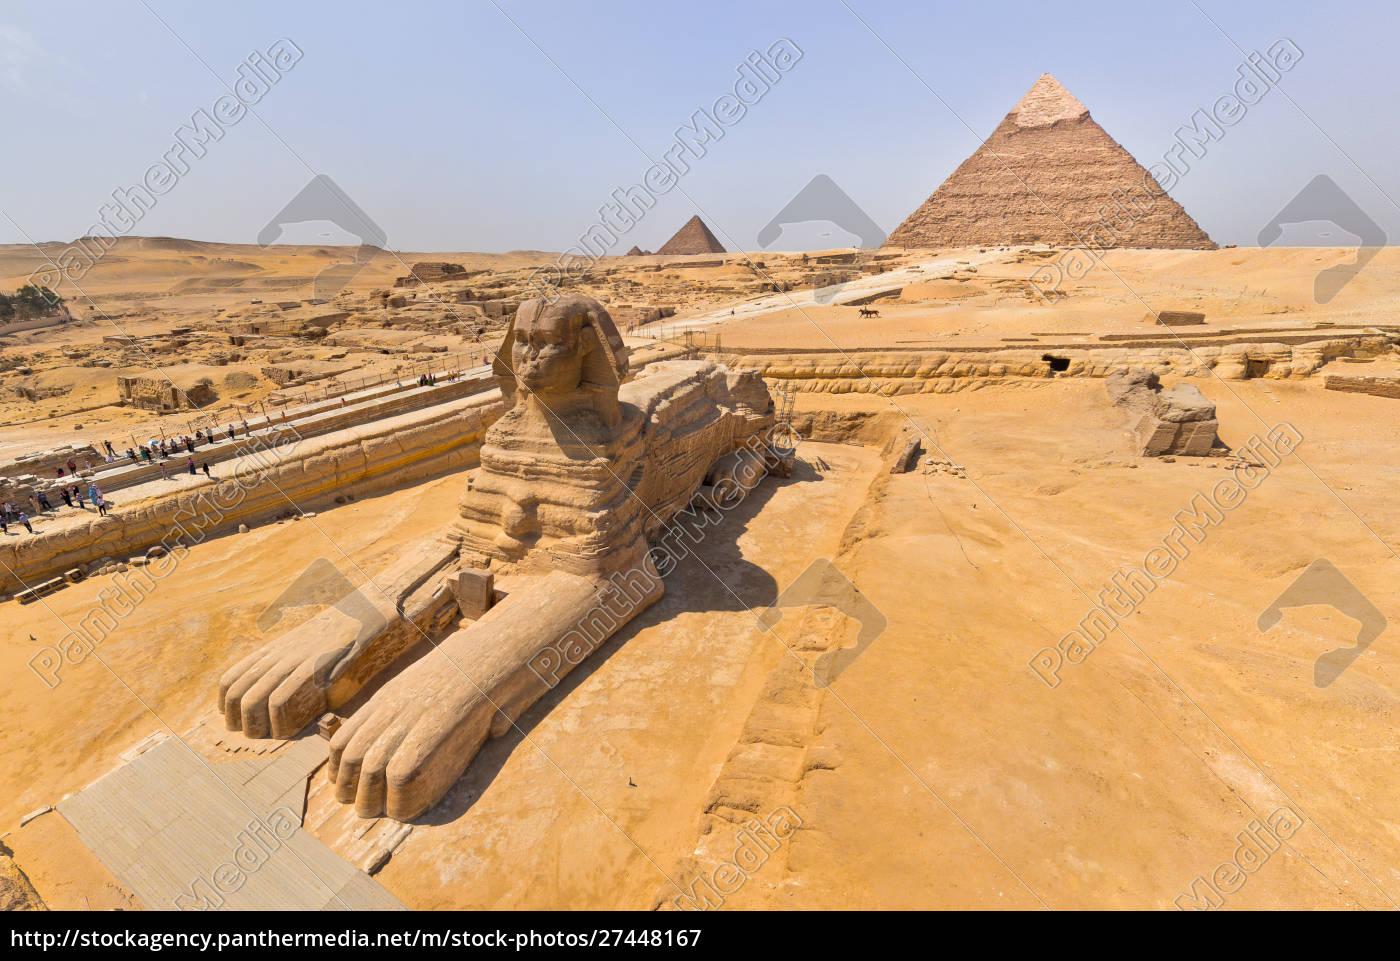 Luftaufnahme Der Grossen Sphinx Von Gizeh In Agypten Stockfoto 27448167 Bildagentur Panthermedia